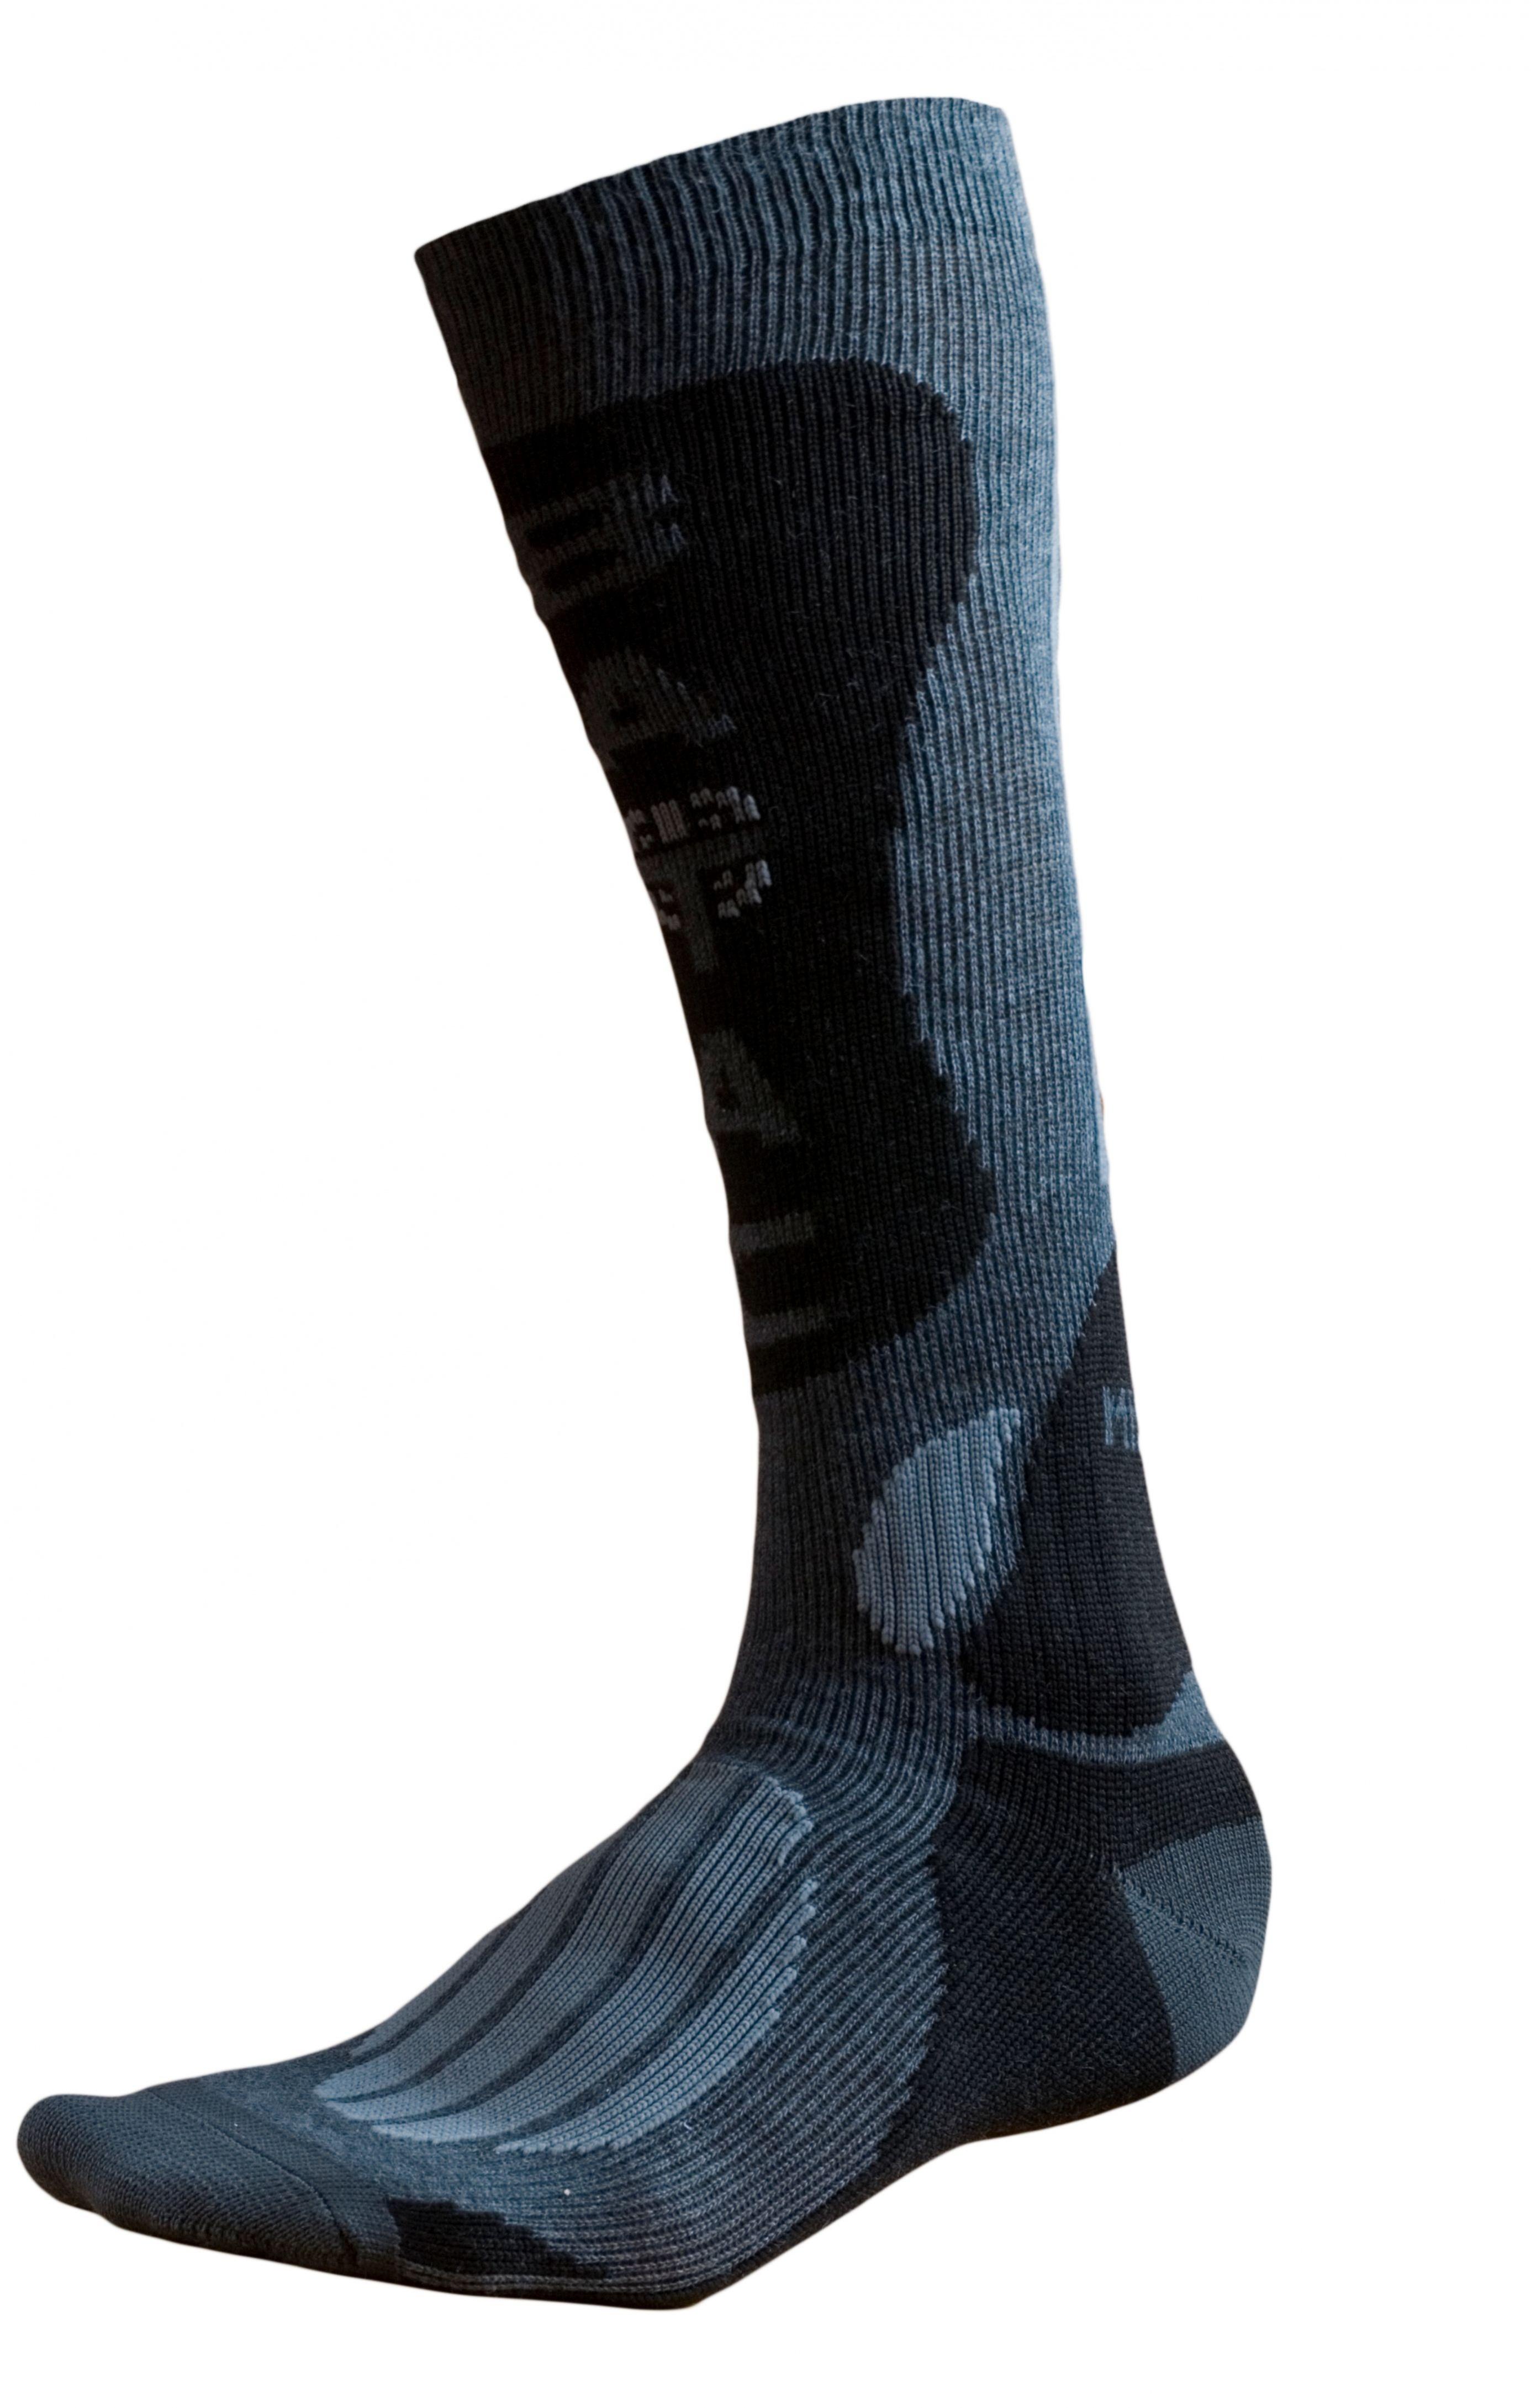 Ponožky BATAC Mission MI10 vel. 34-35 - grey